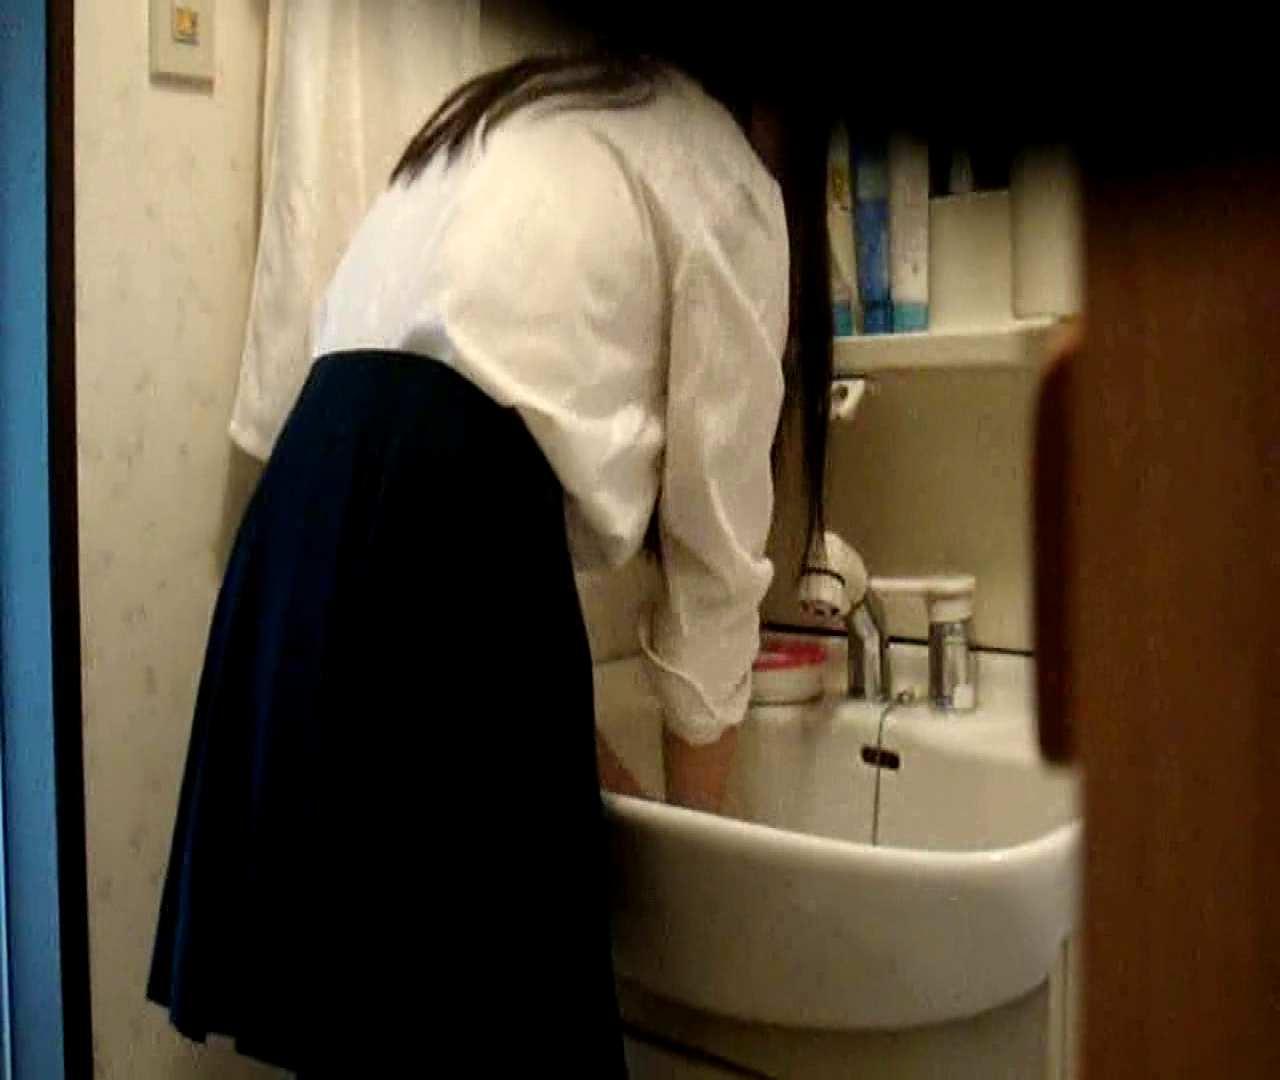 二人とも育てた甲斐がありました… vol.05 まどかが洗顔後にブラを洗濯 盗撮特集   おまんこ  86画像 21